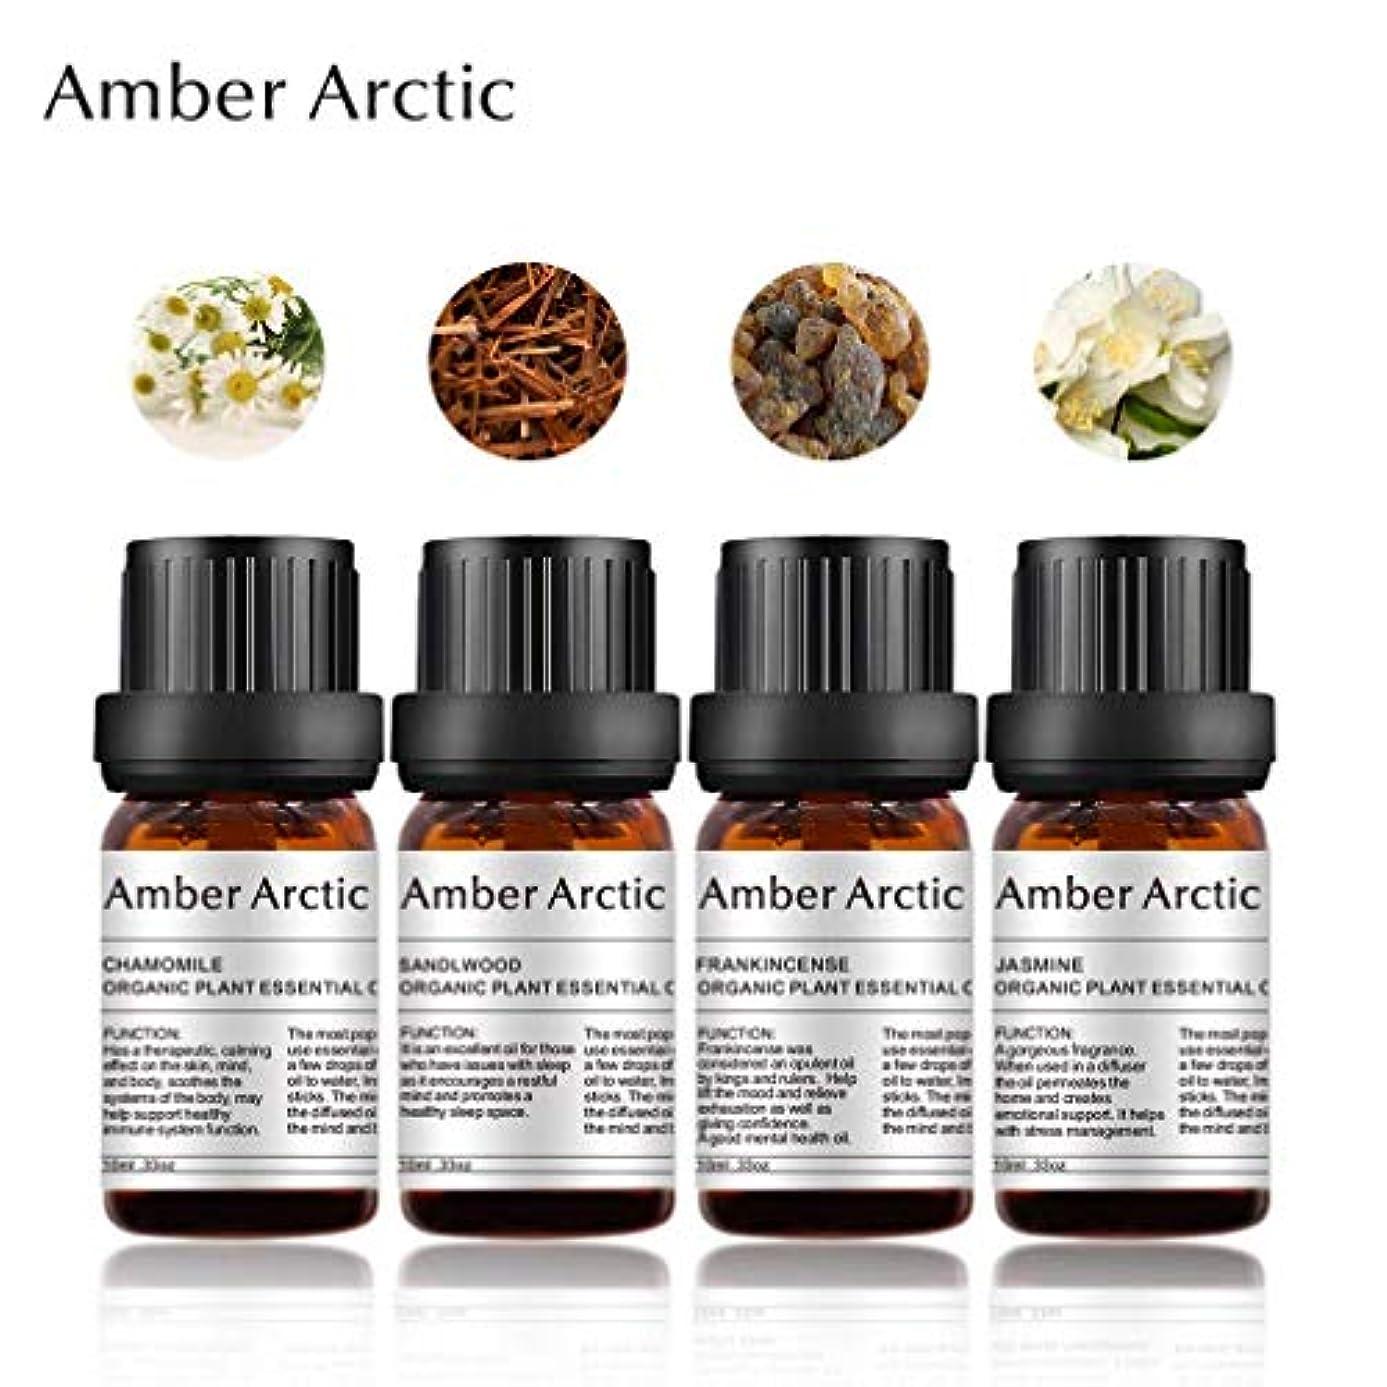 予想する回転させるビンAmber Arctic 4 パック 精油 セット、 100% 純粋 天然 アロマ 最良 治療 グレード エッセンシャル オイル (ジャスミン、 カモミール、 サンダルウッド、 フランキンセンス)